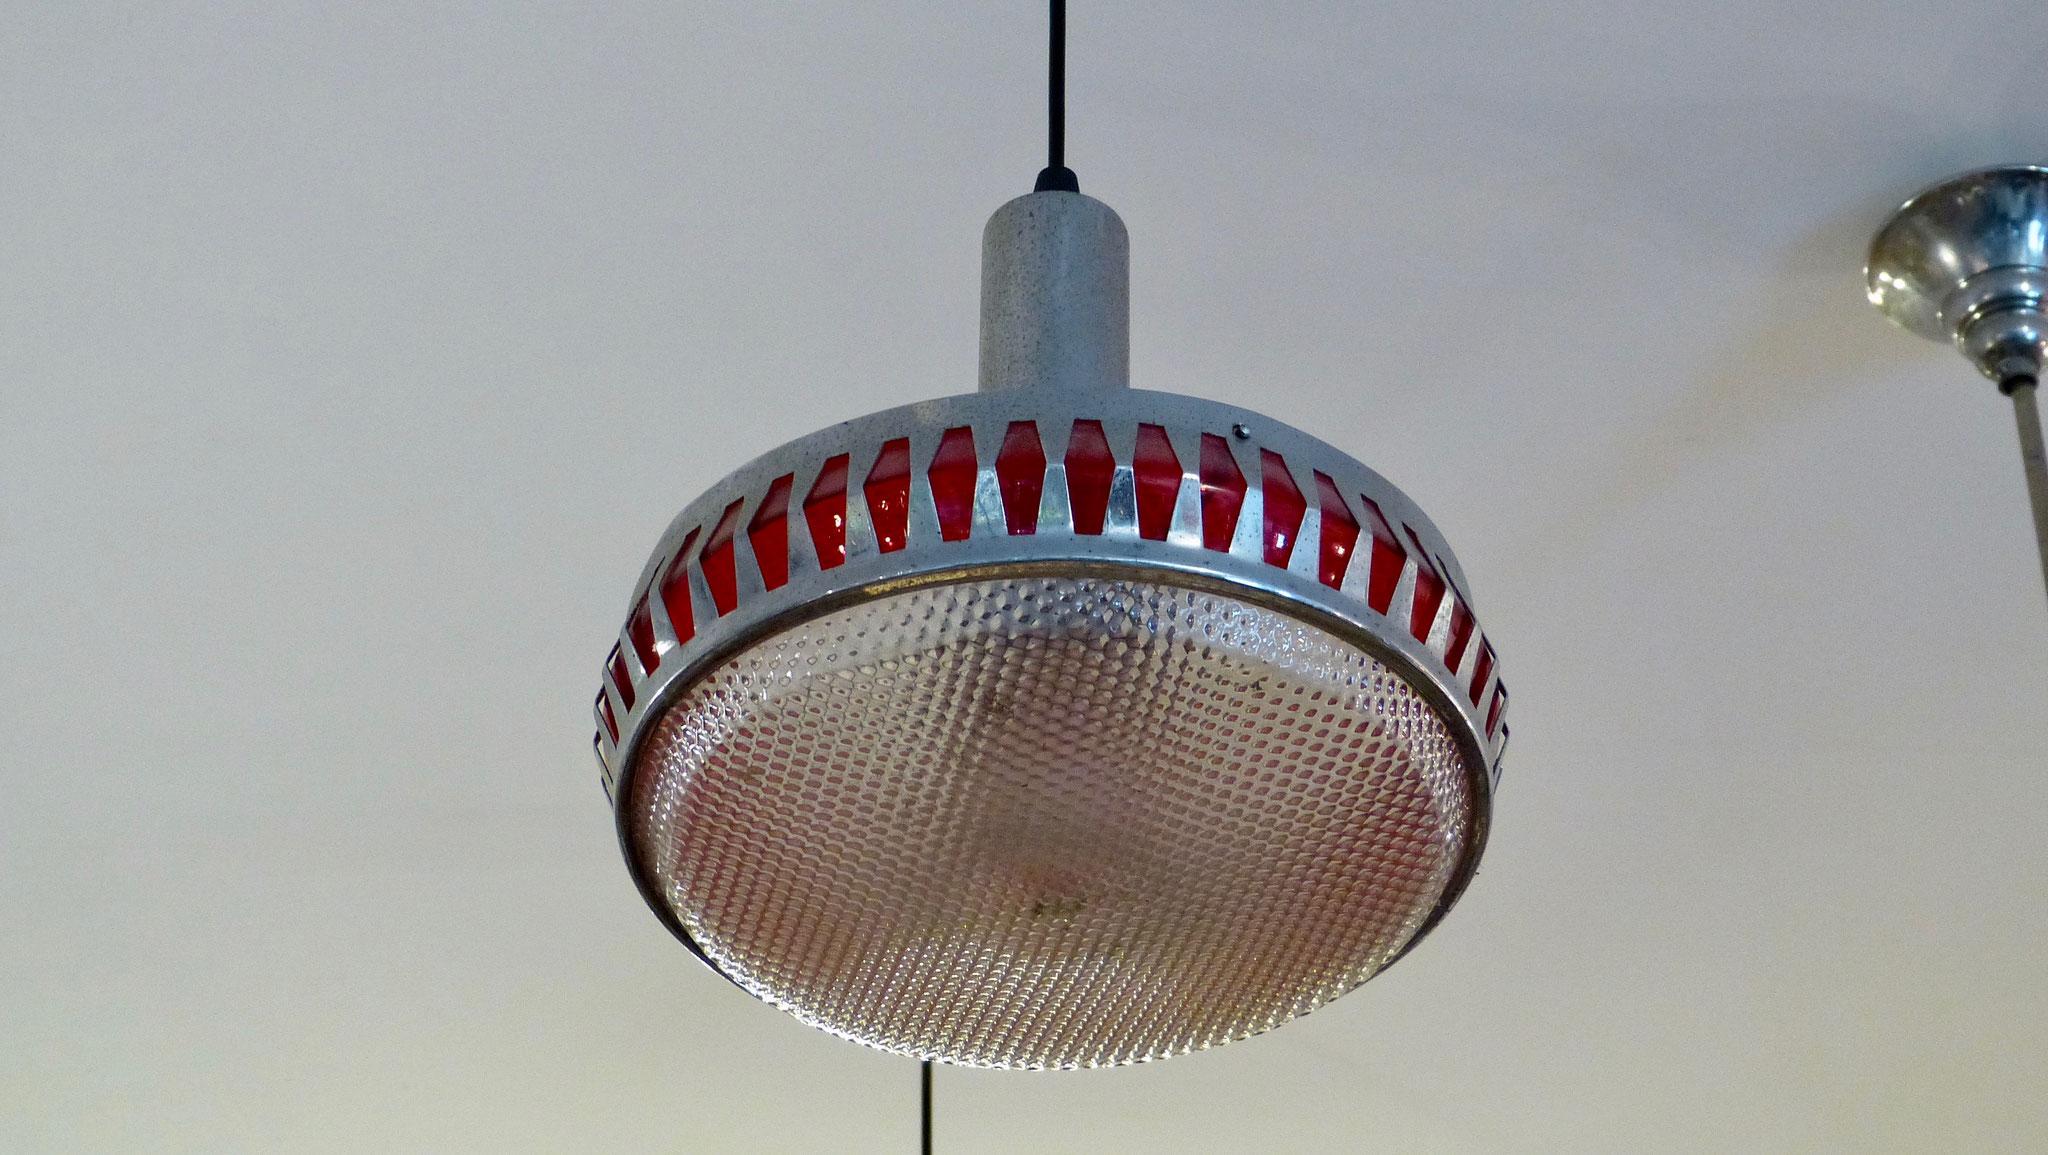 Hanglamp uit de jaren '60. Prijs € 75,-